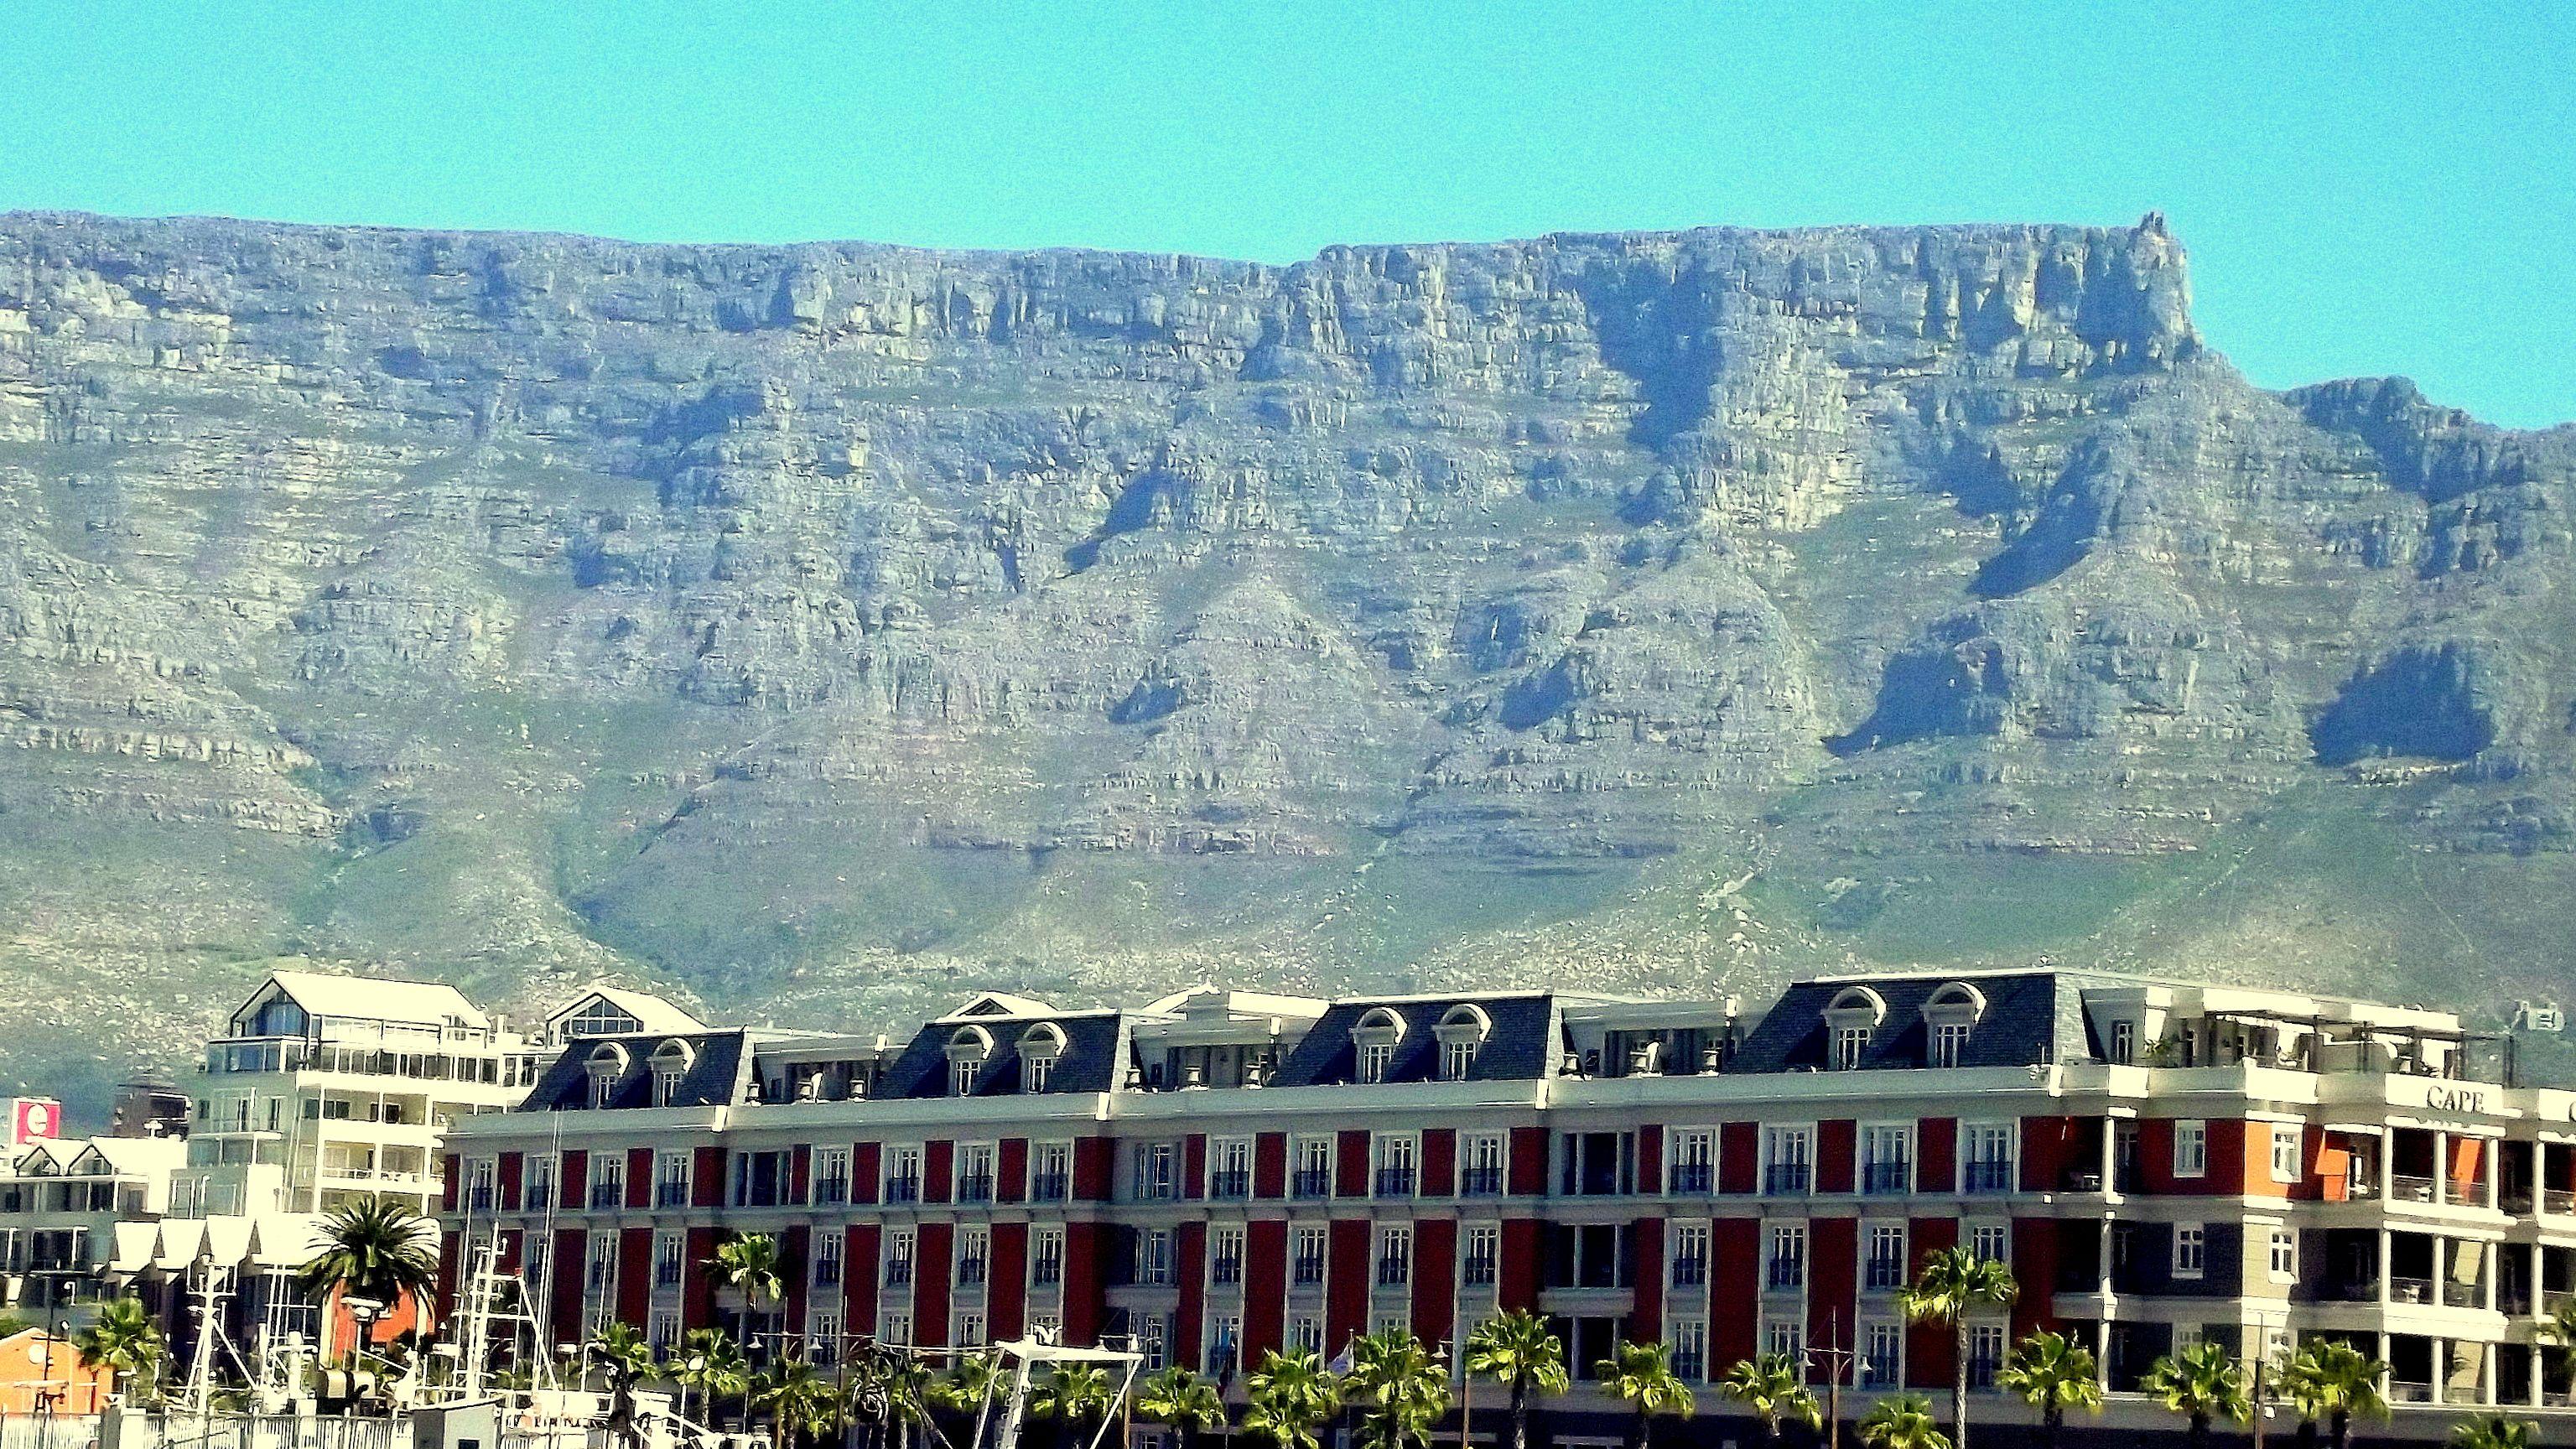 Com a Table Mountain atrás, a grande fachada entrega a colonização holandesa sucedida pela inglesa.